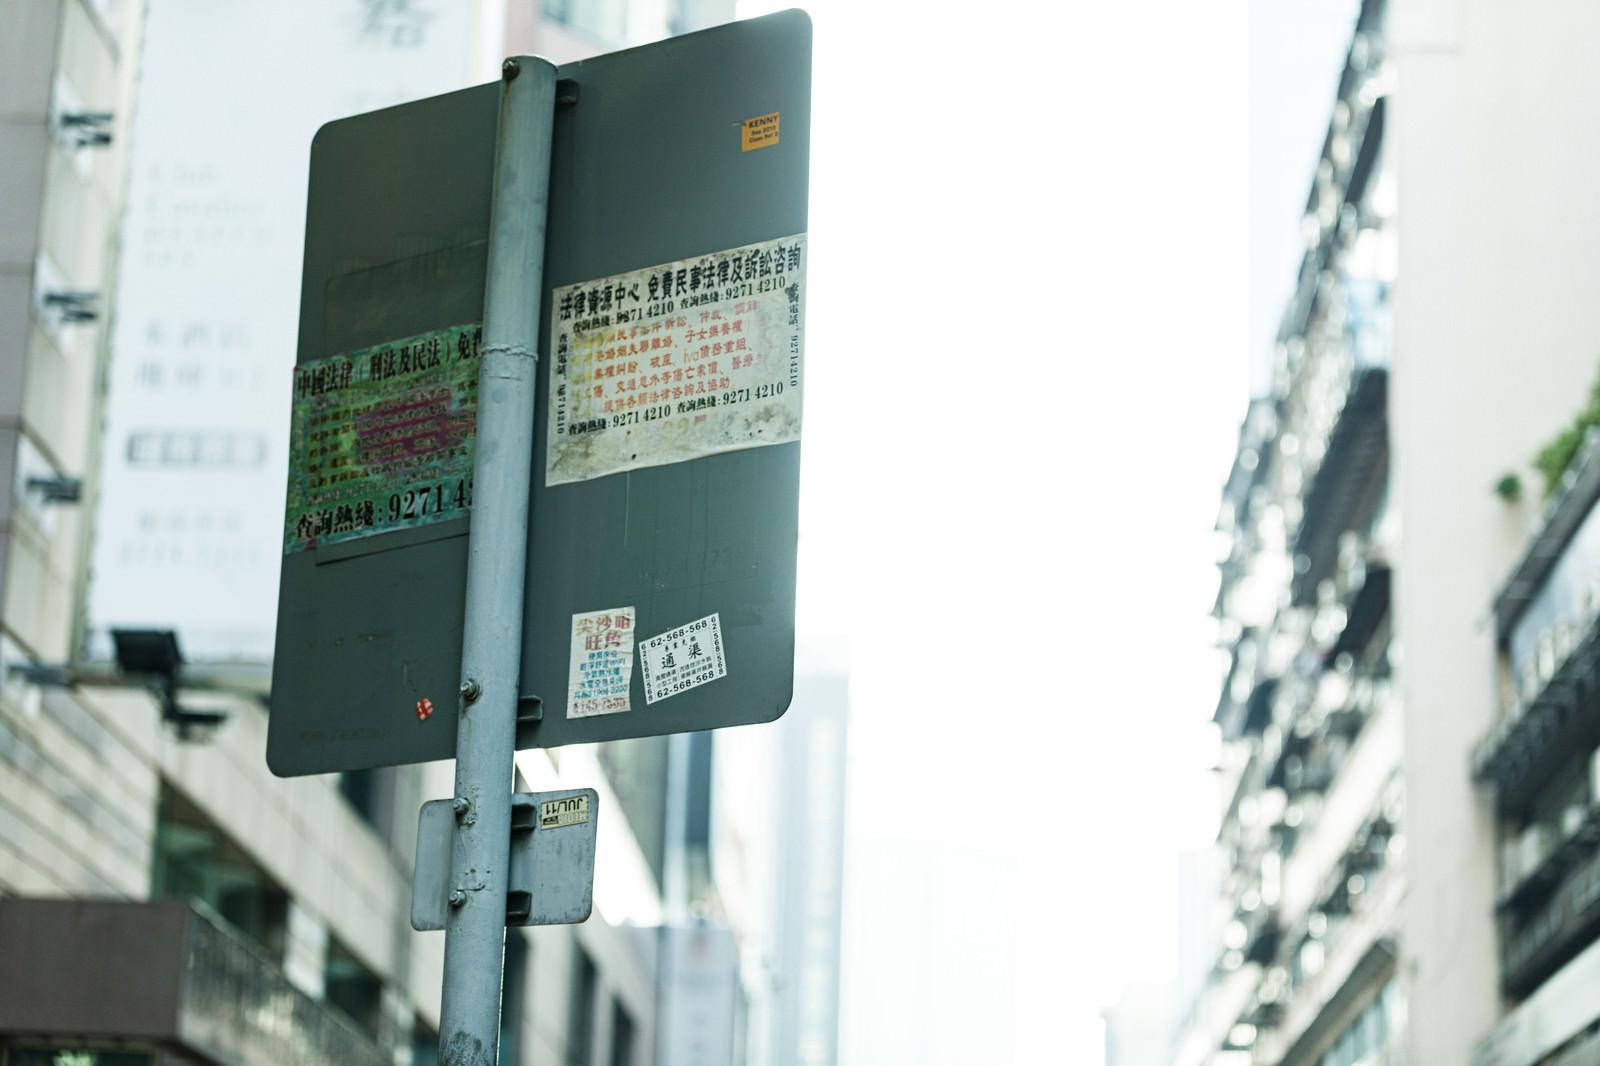 「標識の看板裏まで広告が貼り付けられている(香港)」の写真